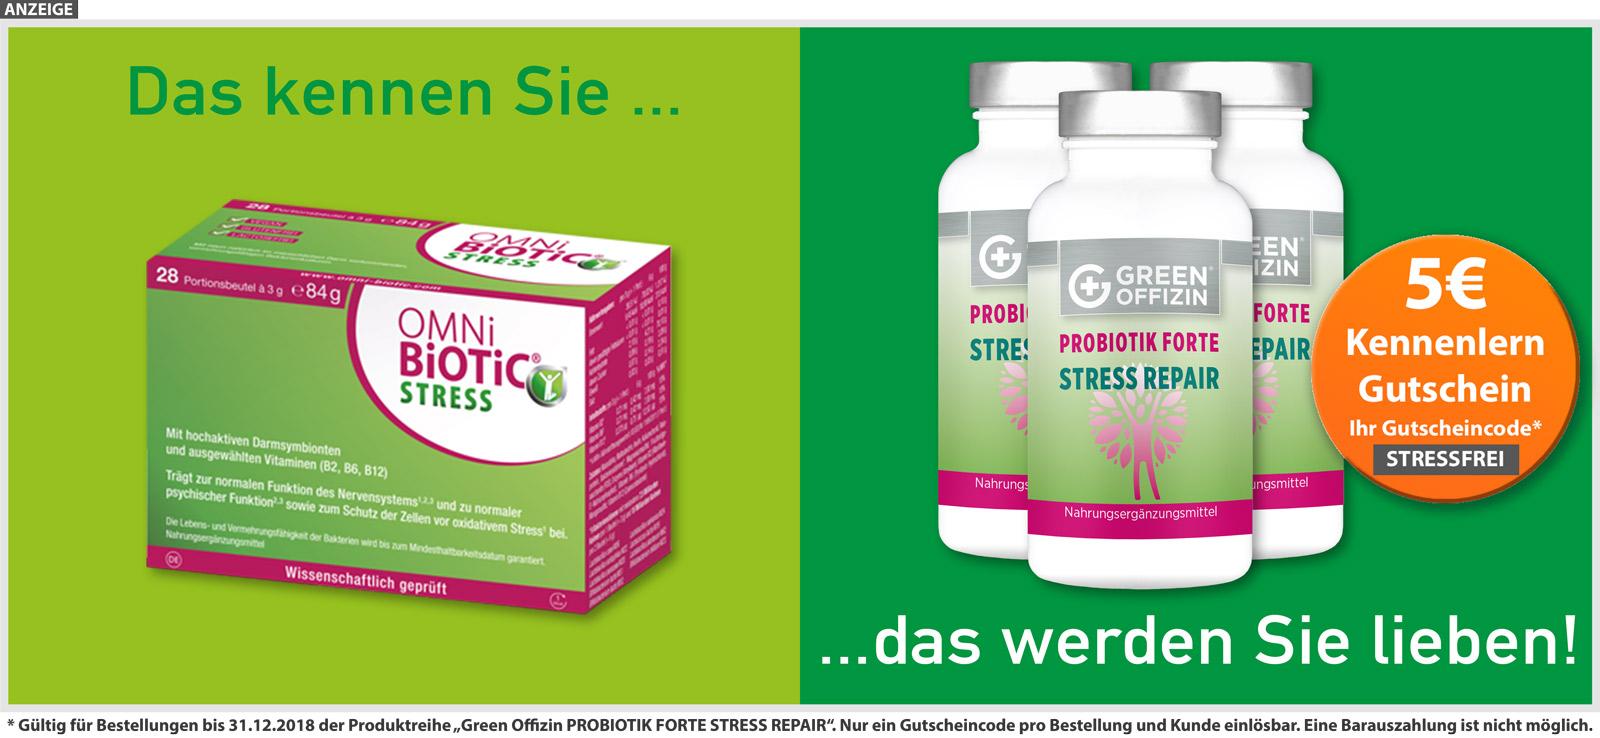 Omniobiotik_Probiotik-Forte_DKSDWSL_Stress_Anzeige